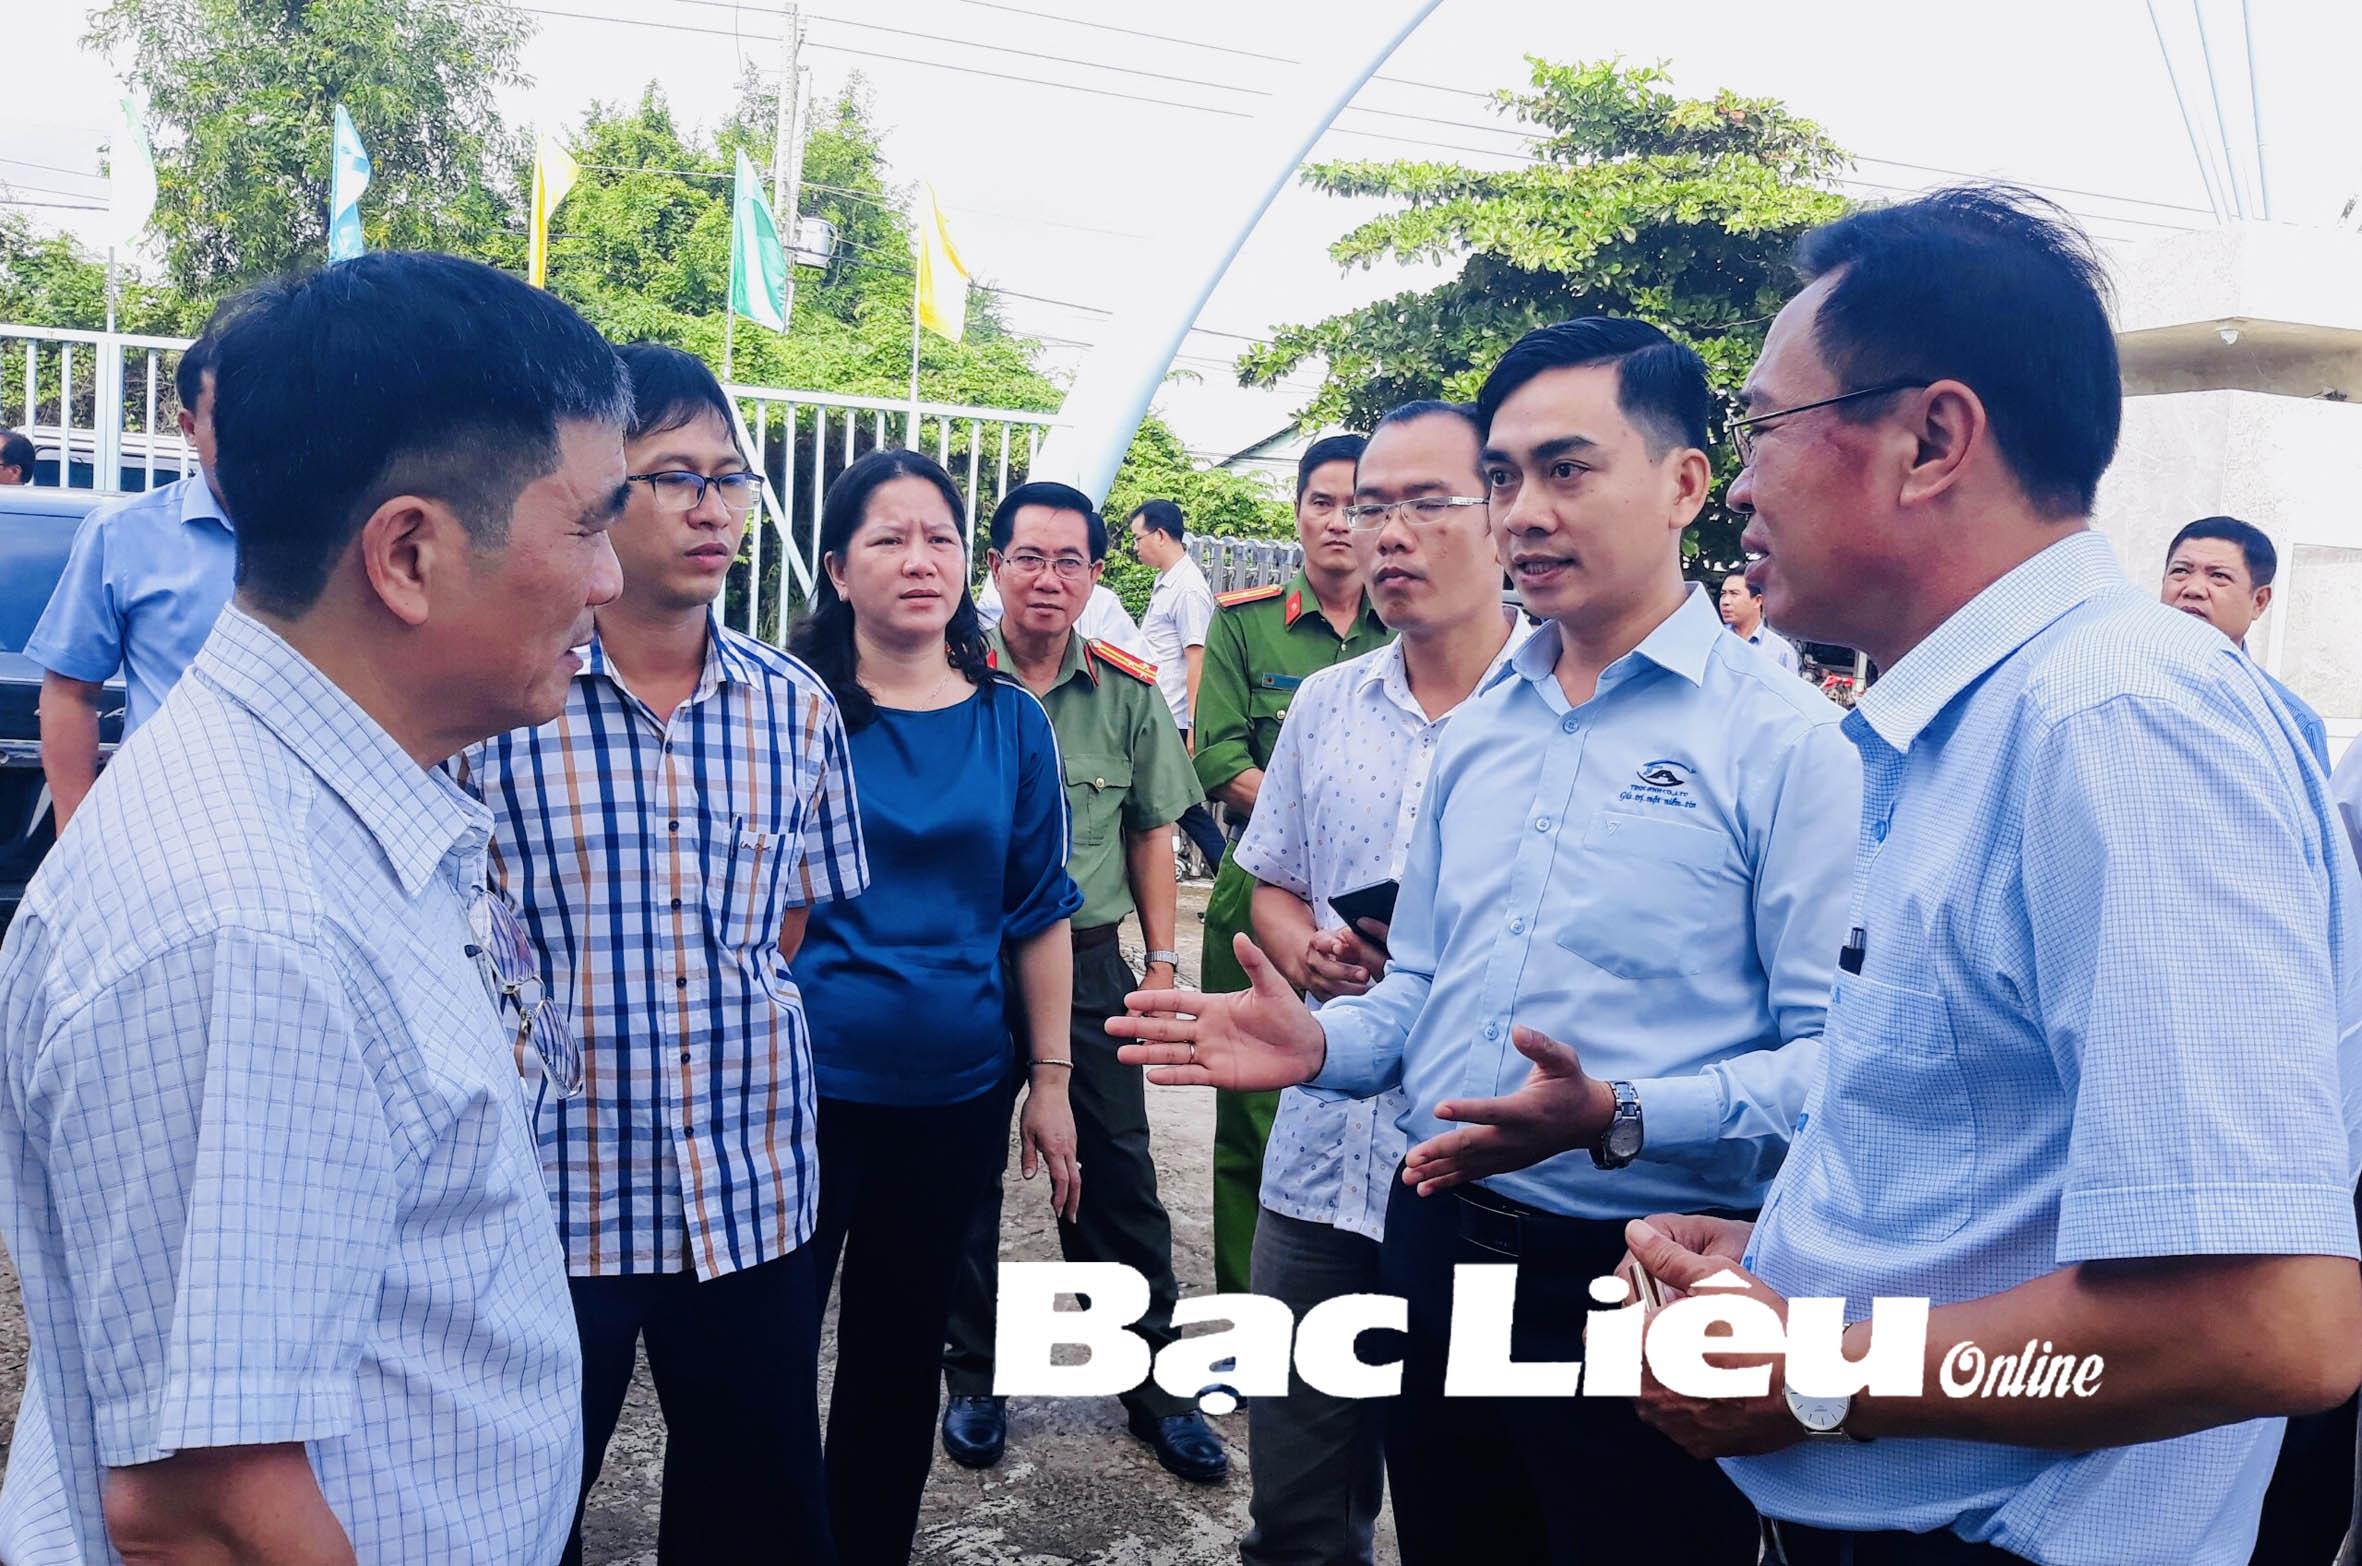 TP. Bạc Liêu: Chung sức, chung lòng xây dựng nông thôn mới